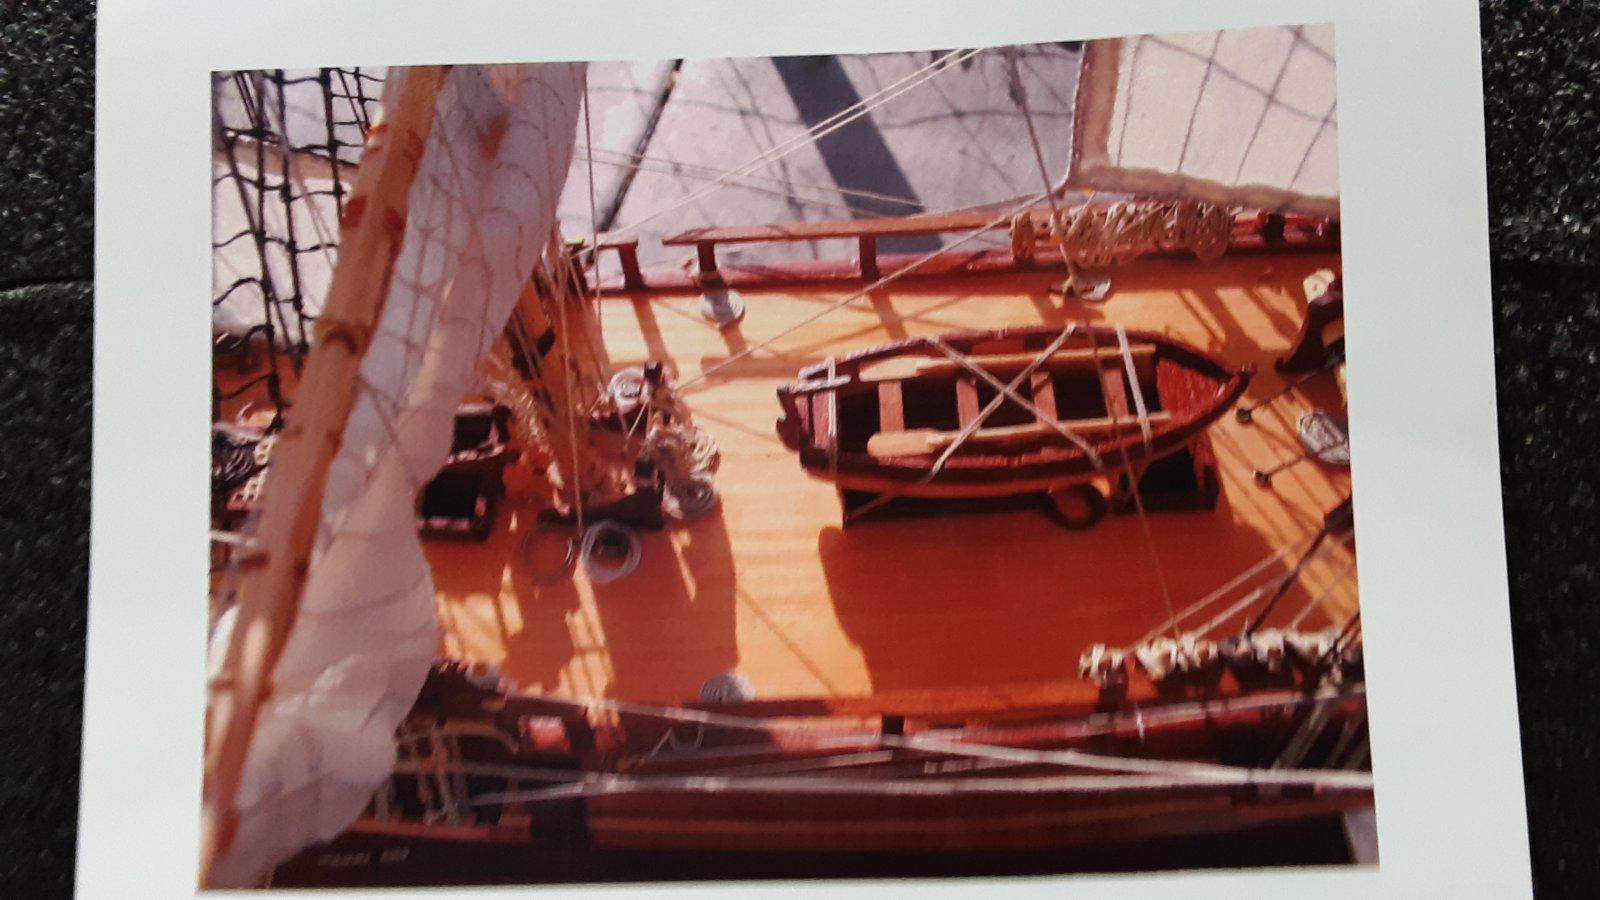 HMS Bounty 05.jpg